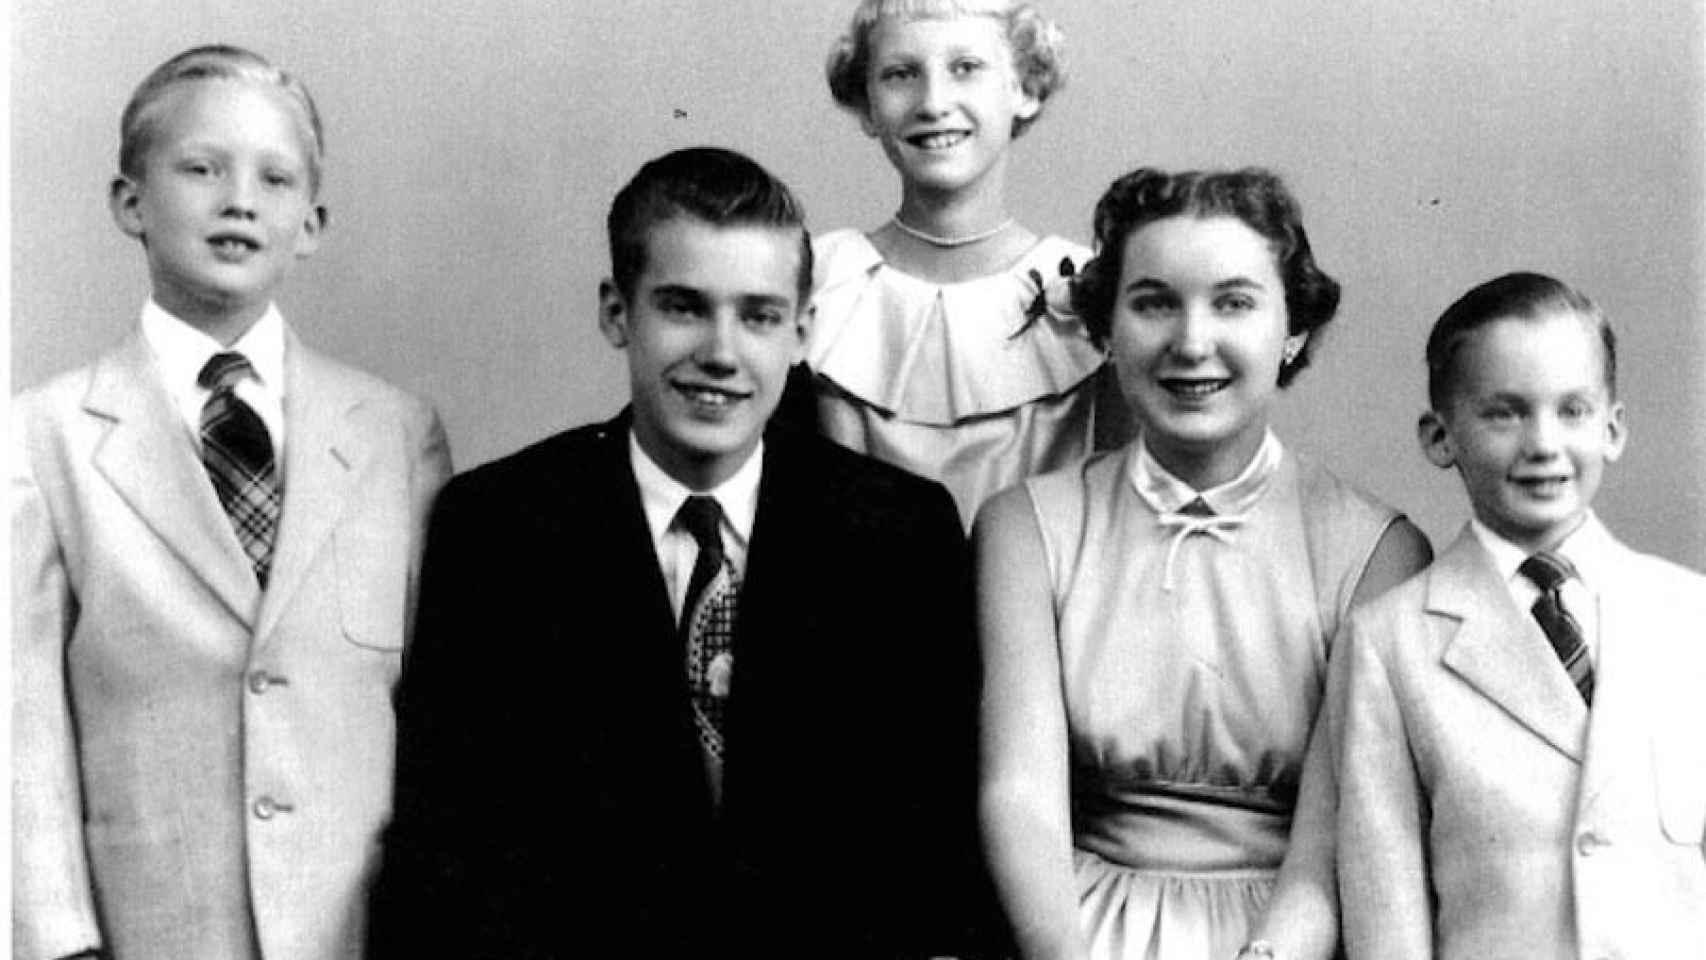 Donald, Freddy (con chaqueta oscura), Elizabeth (de pie), Maryanne y Robert.